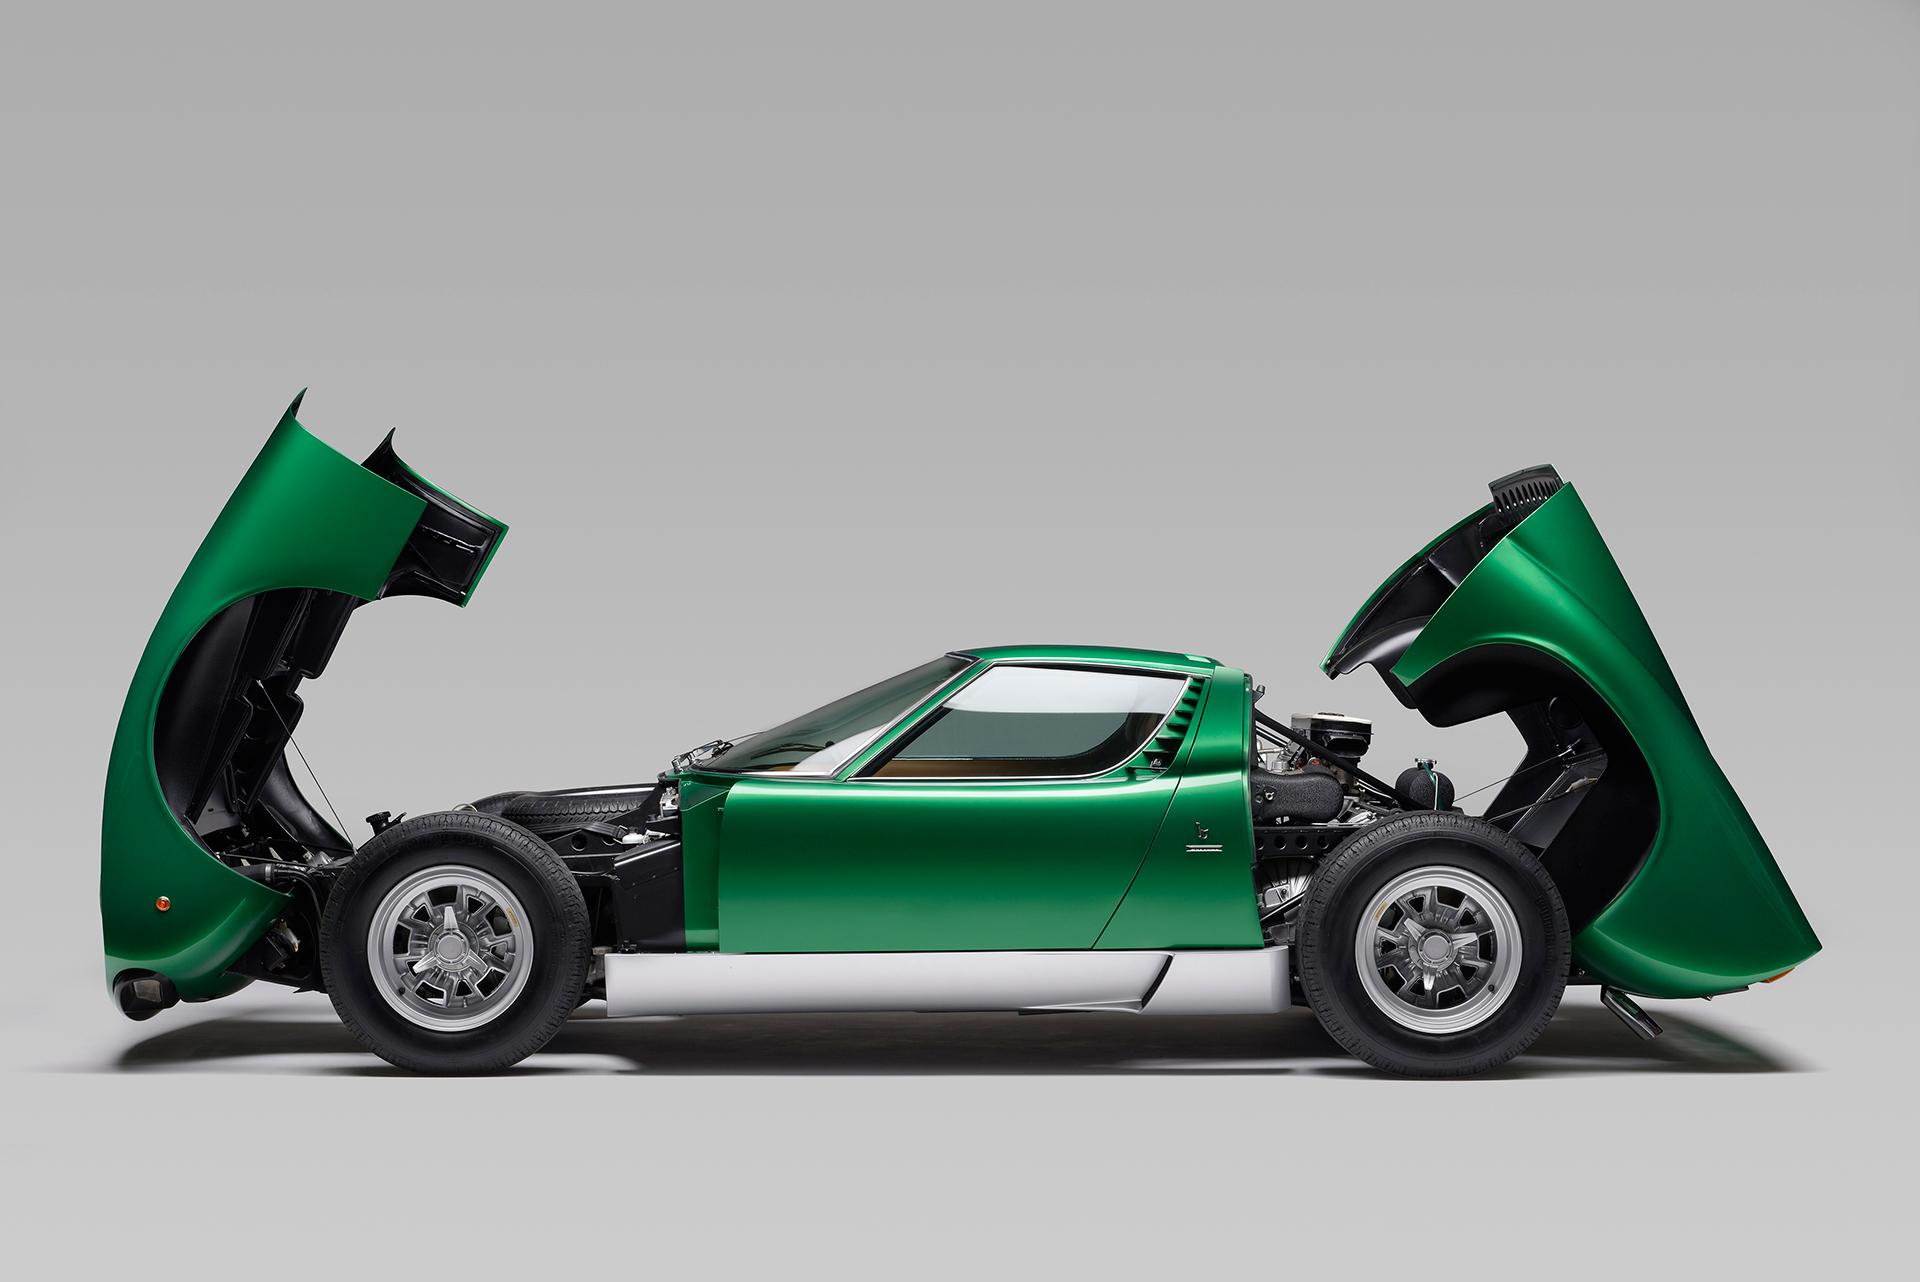 Lamborghini Miura SV 1971- 50 anniversario - Profilo Aperta - 2016